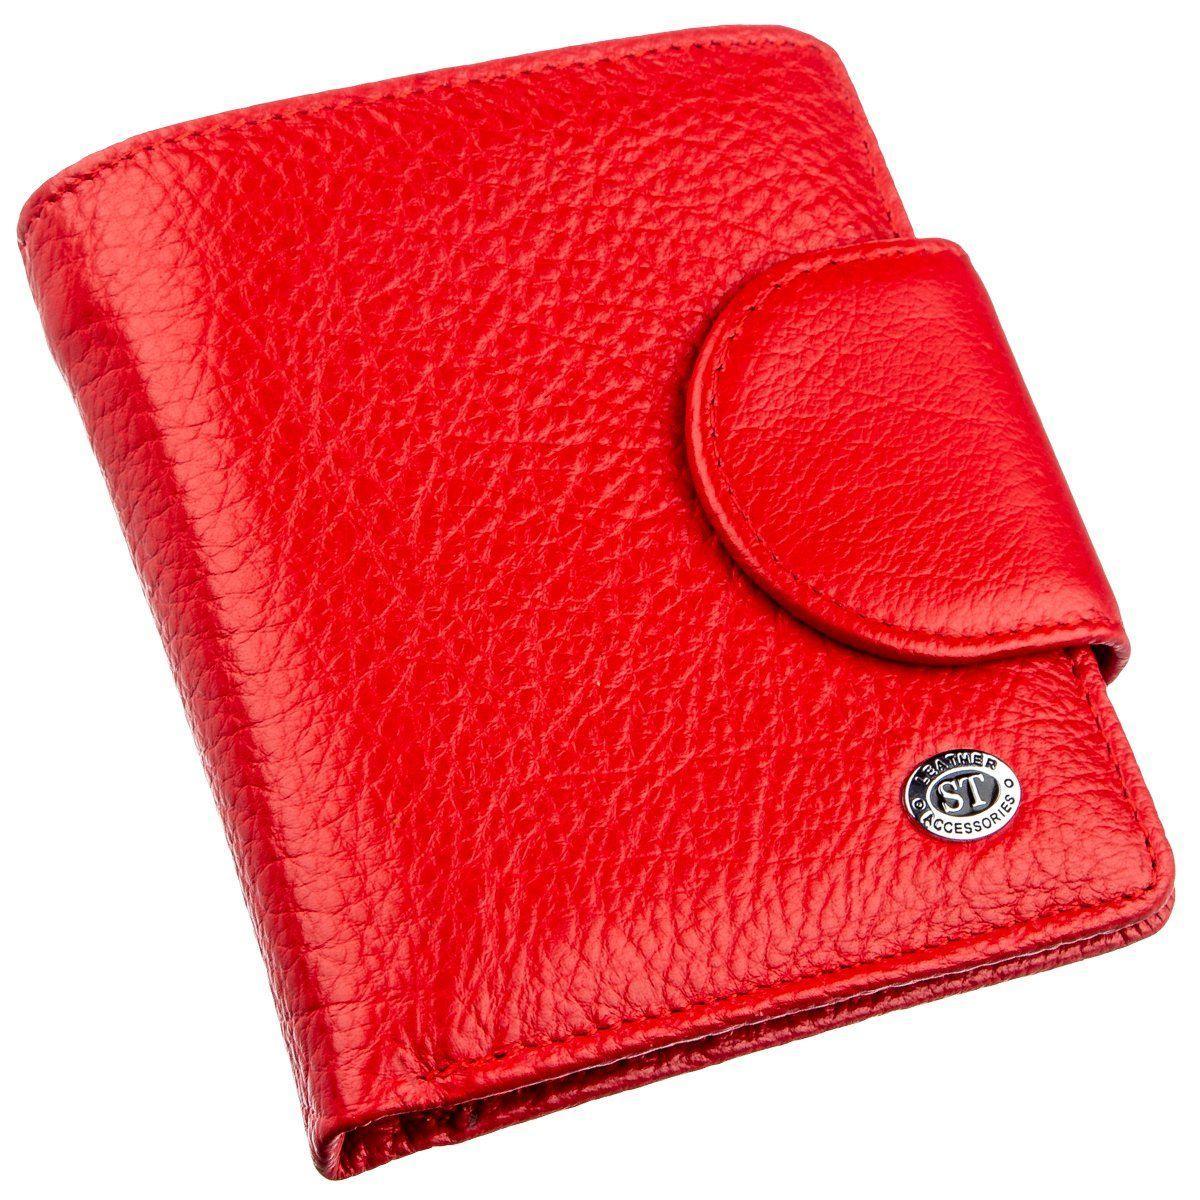 Оригинальный женский бумажник ST Leather 18923 Красный, Красный